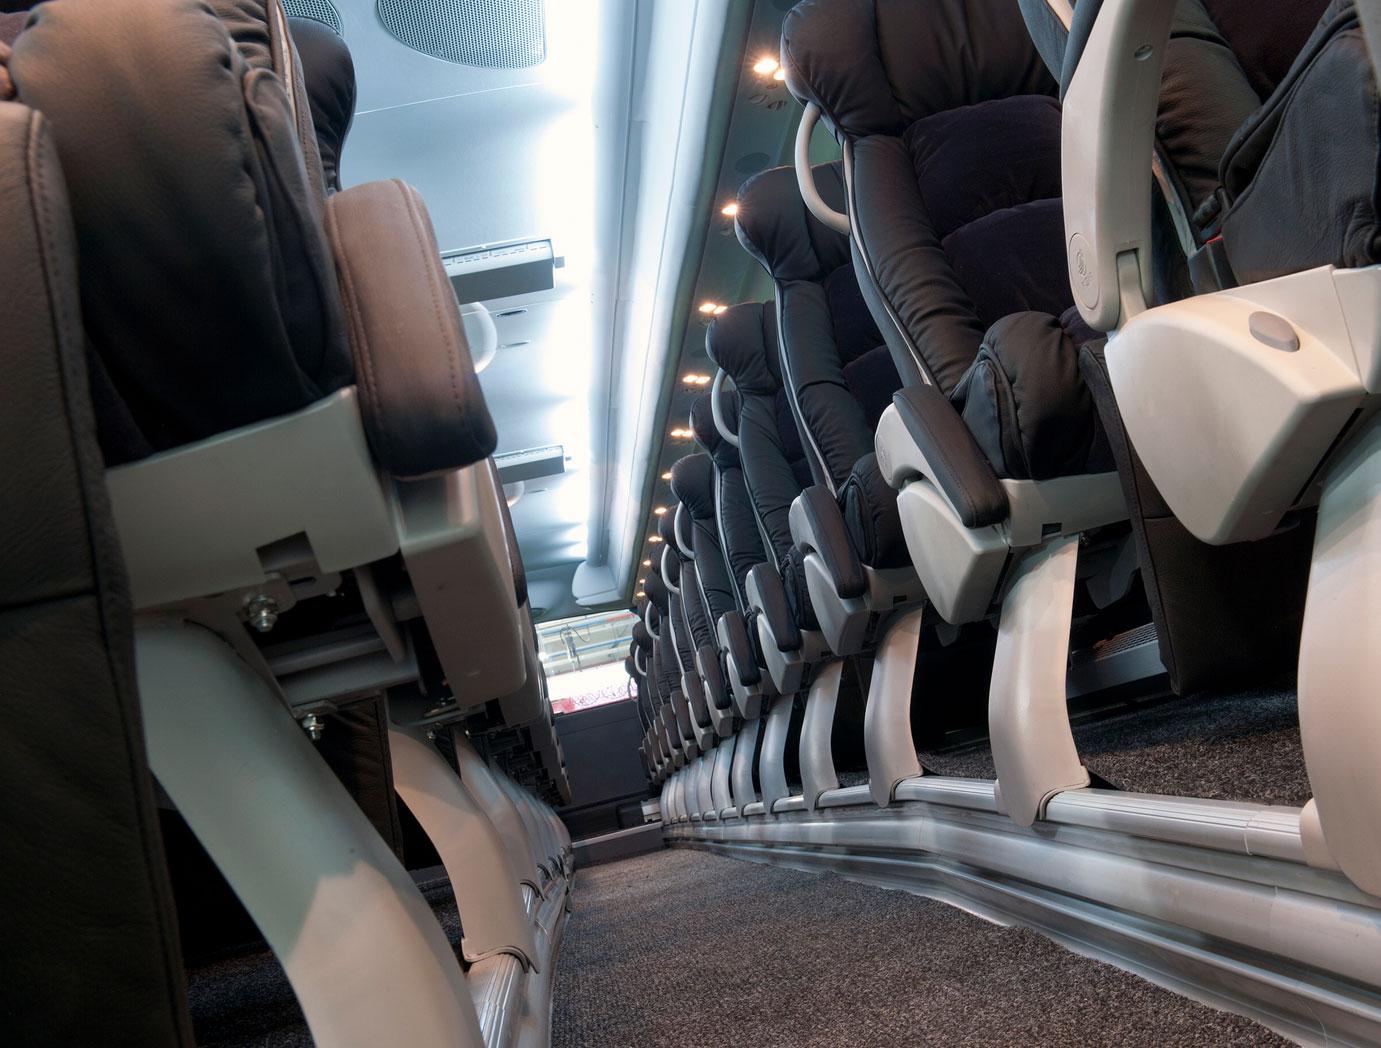 bus interior 3